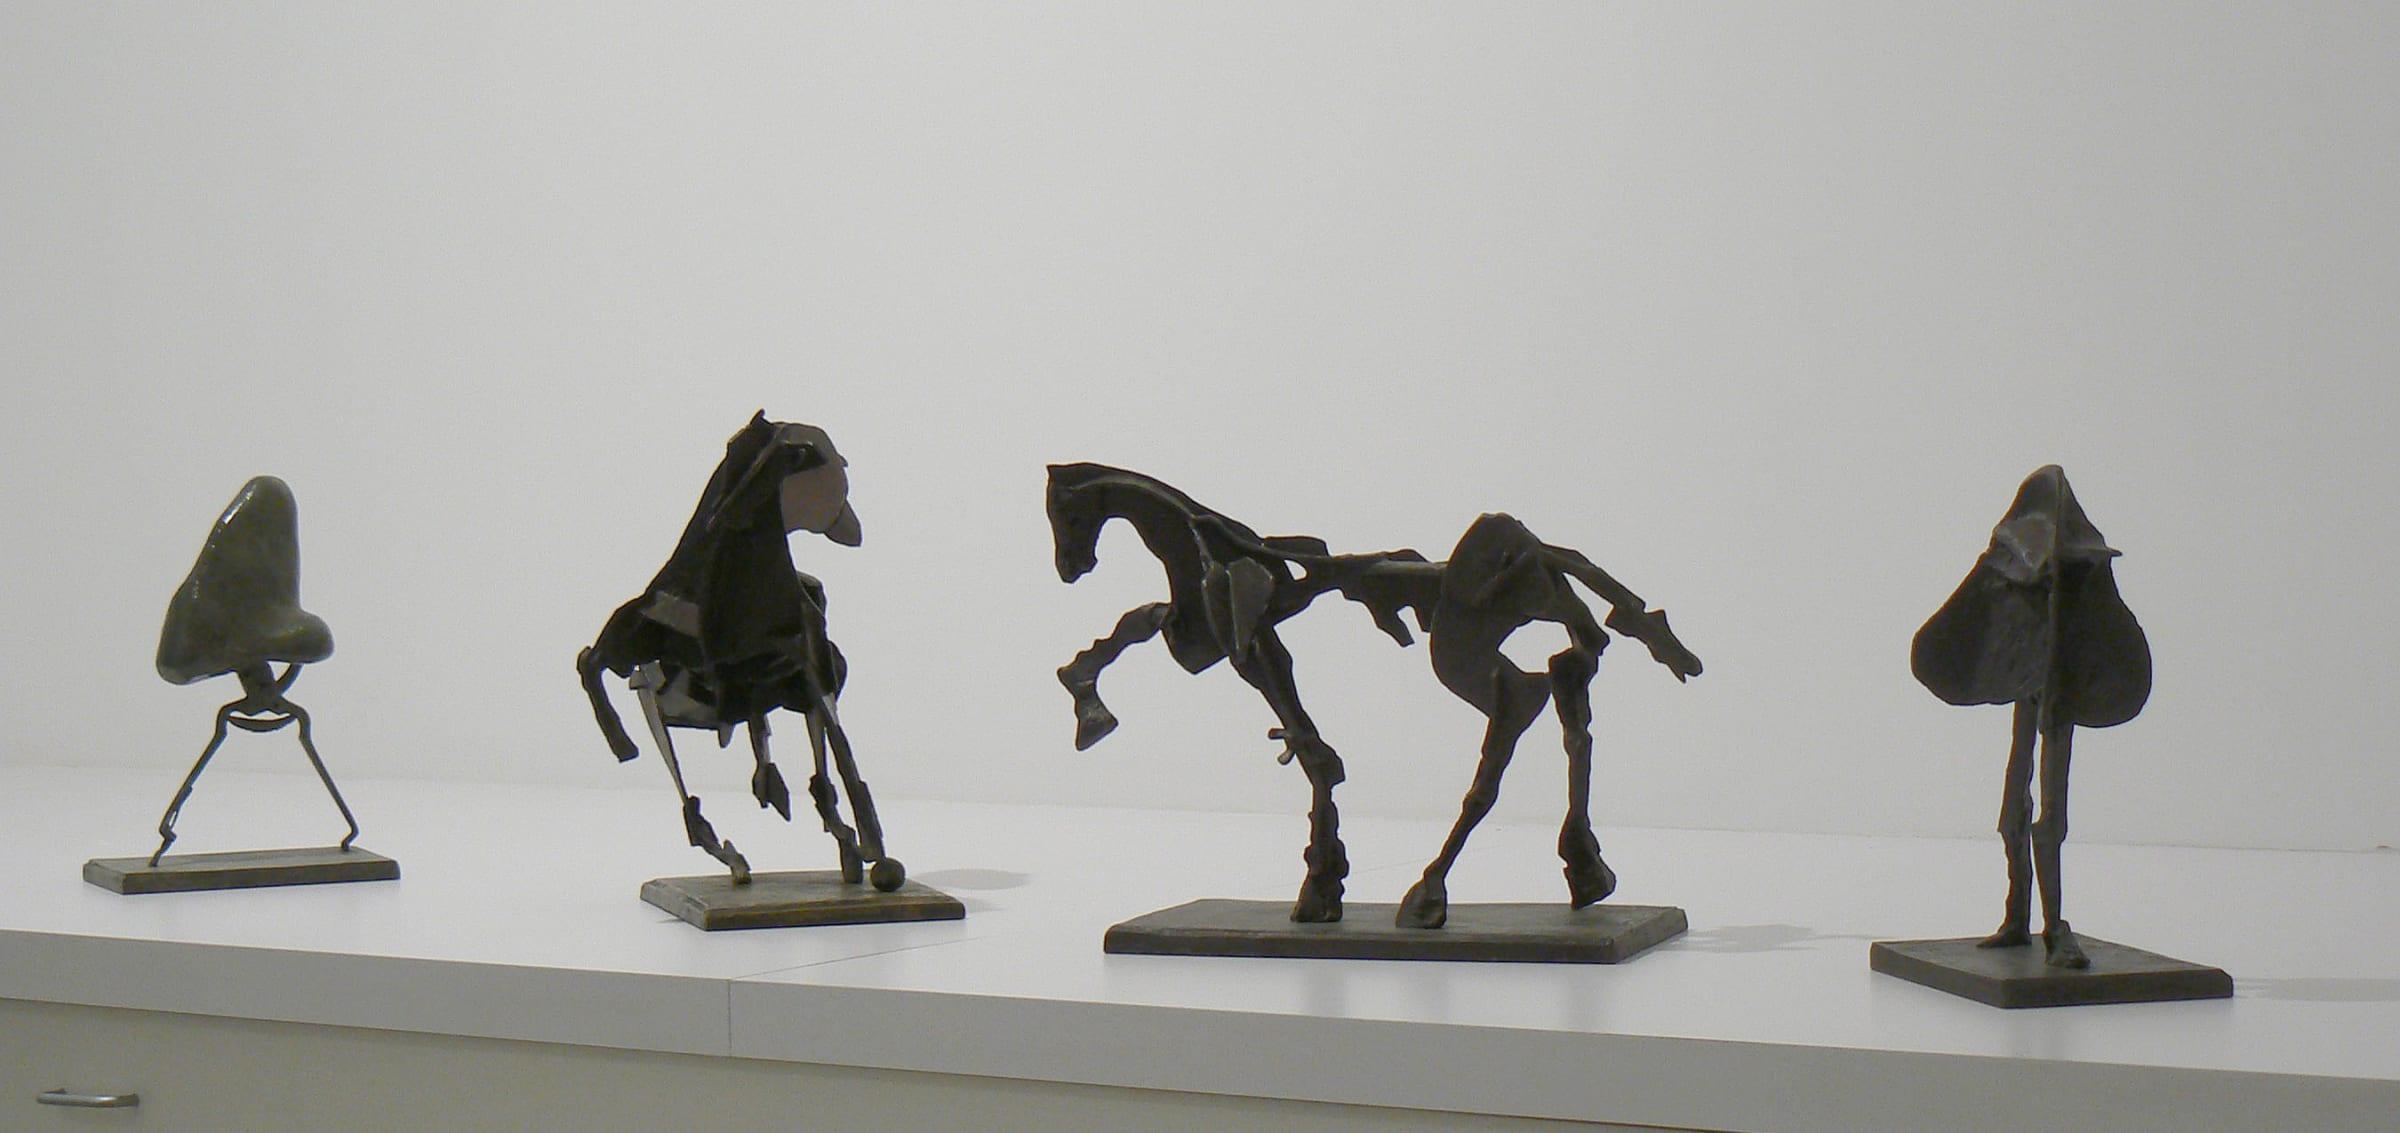 William Kentridge, Untitled IV (Horse with Raised Leg), 2007